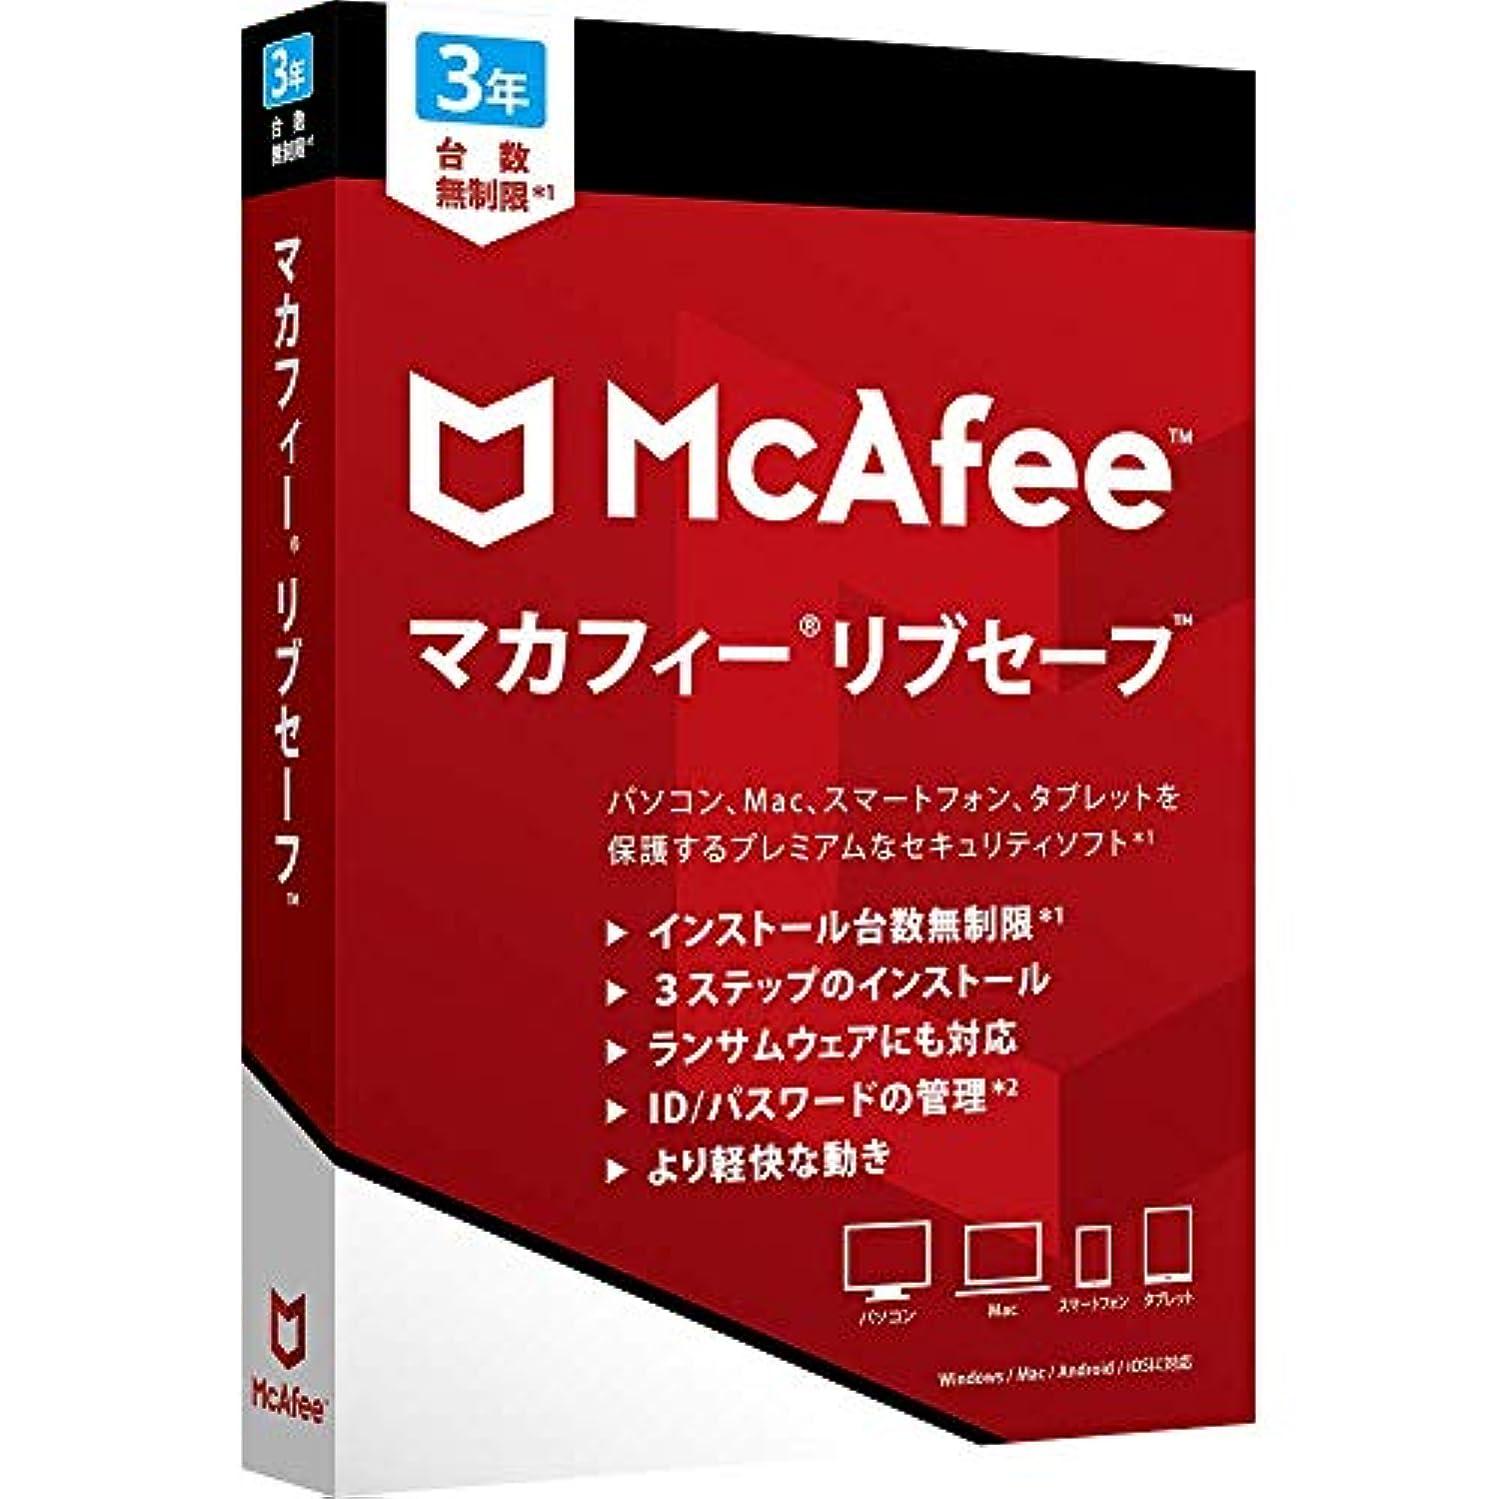 カウントアップまぶしさ挑発するマカフィー リブセーフ 最新版 (台数無制限/3年用) ウィルス対策 セキュリティソフト 何台でもインストール可能 [パッケージ版] Win/Mac/iOS/Android対応